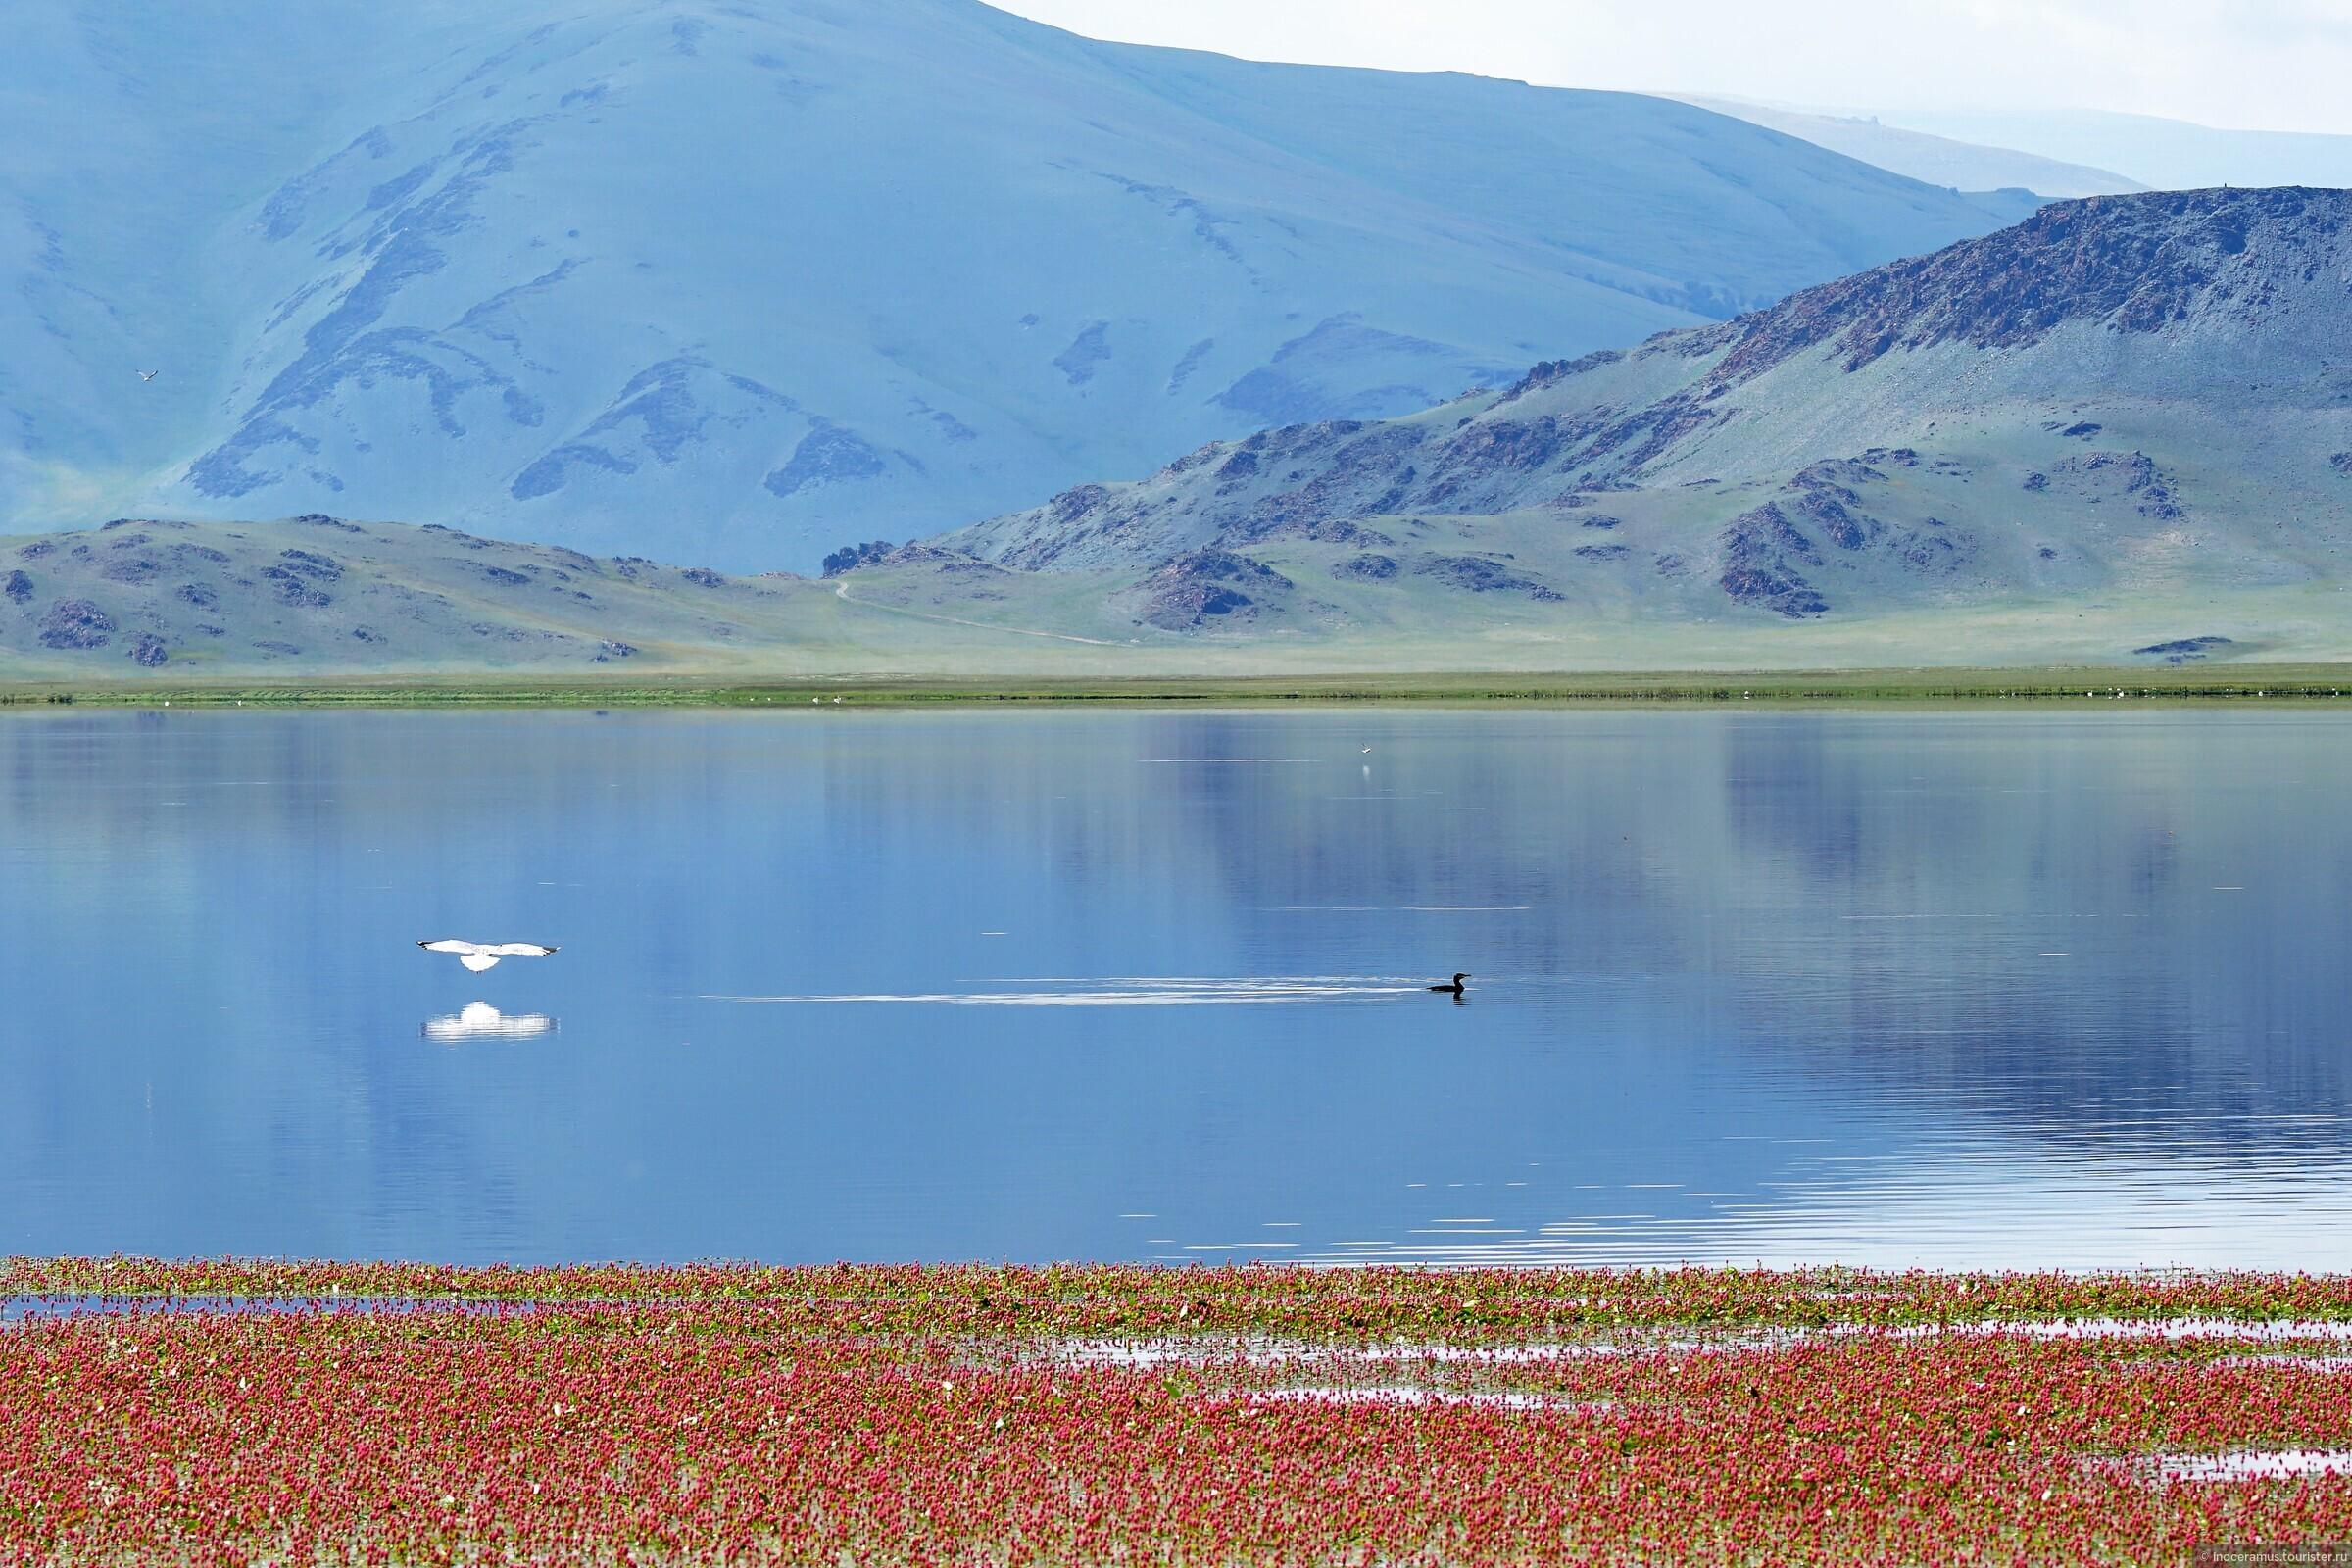 фото растительного мира монголии носков играет доктора